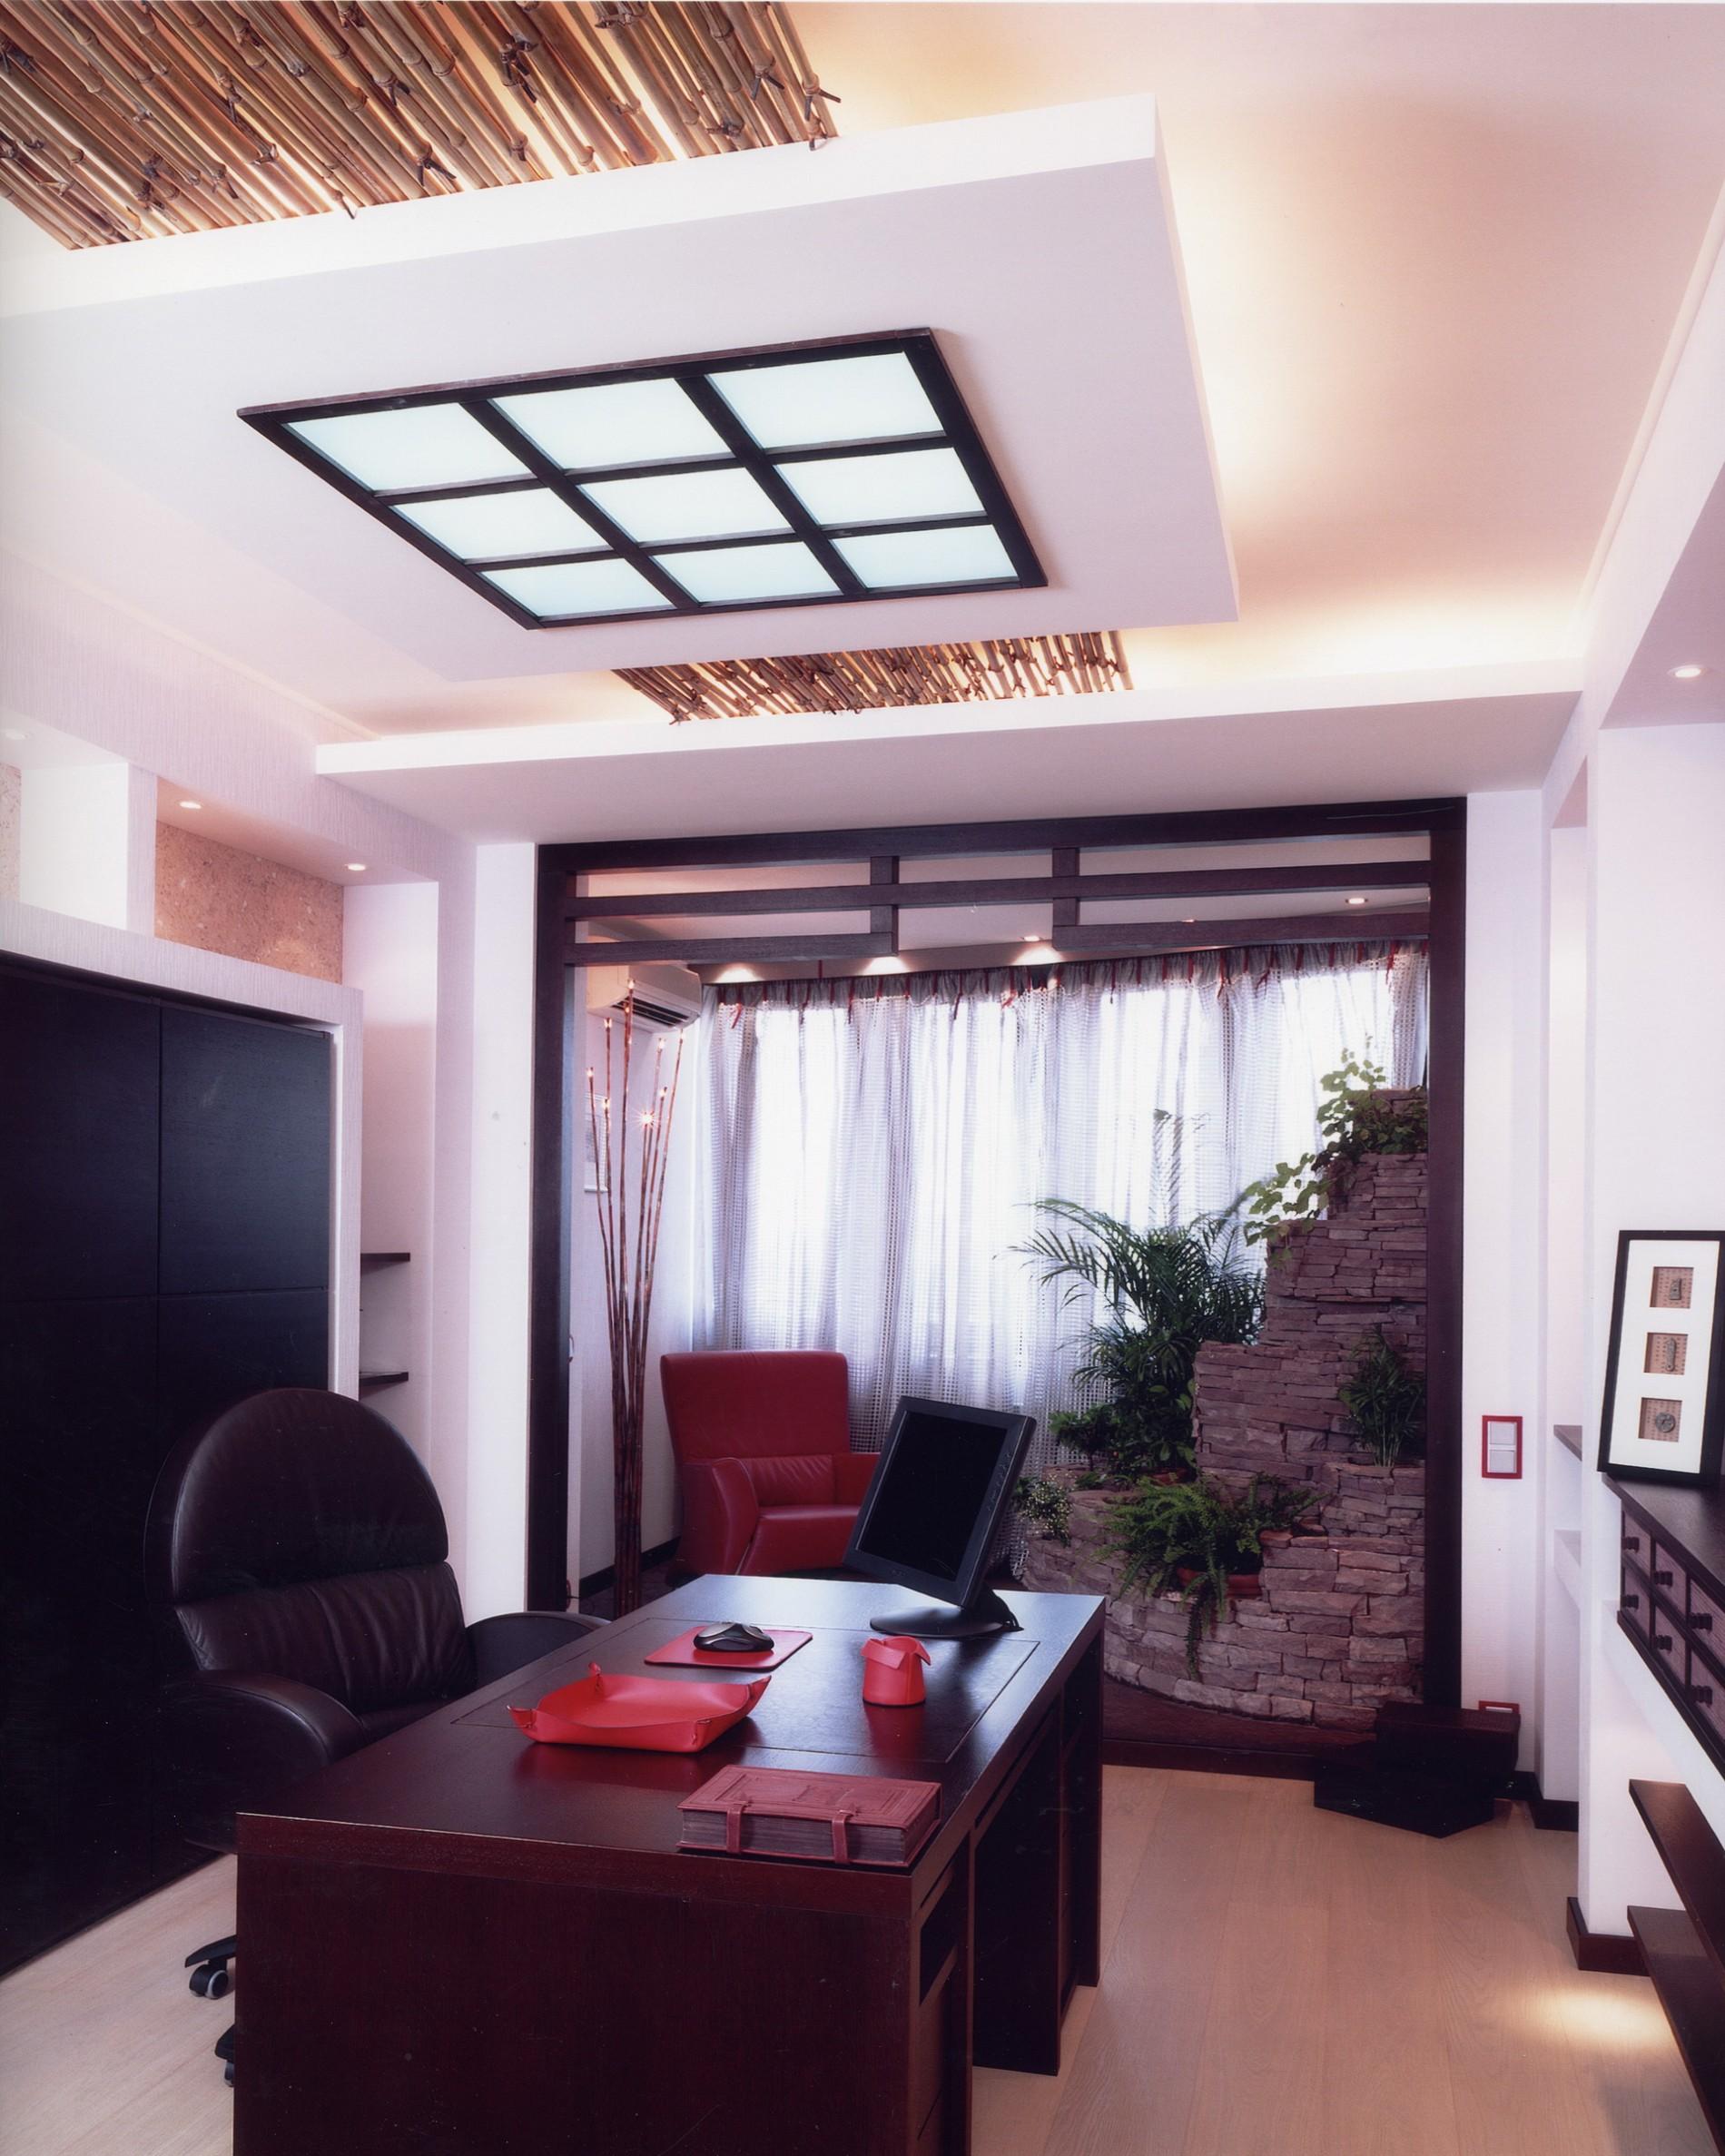 Стильный дизайн квартиры в стиле фьюжн